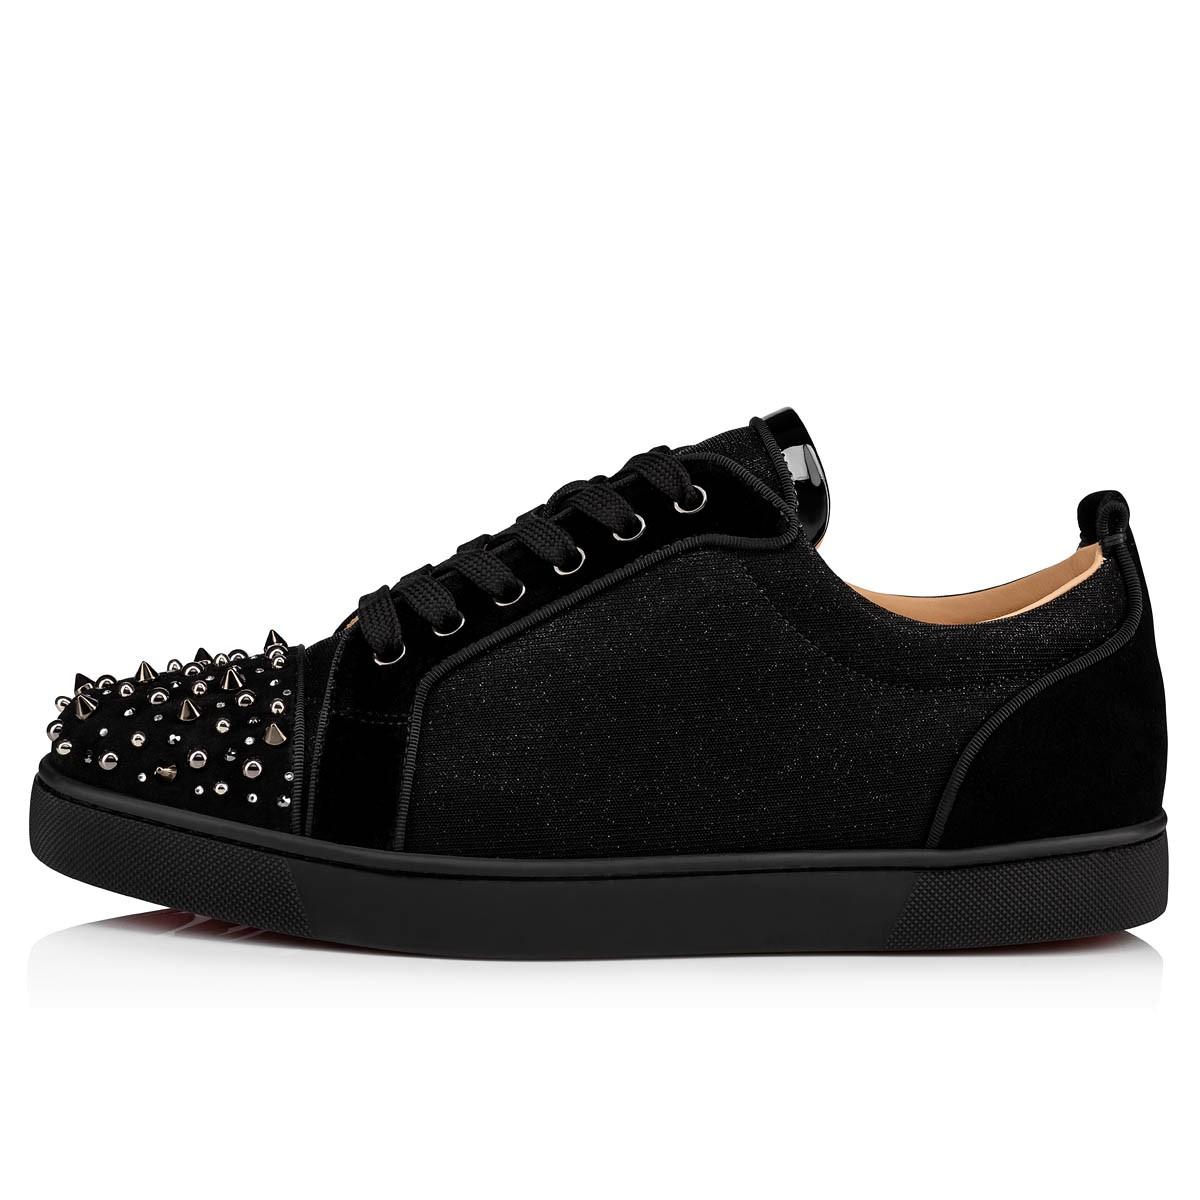 Shoes - Milkylouis Junior Orlato - Christian Louboutin